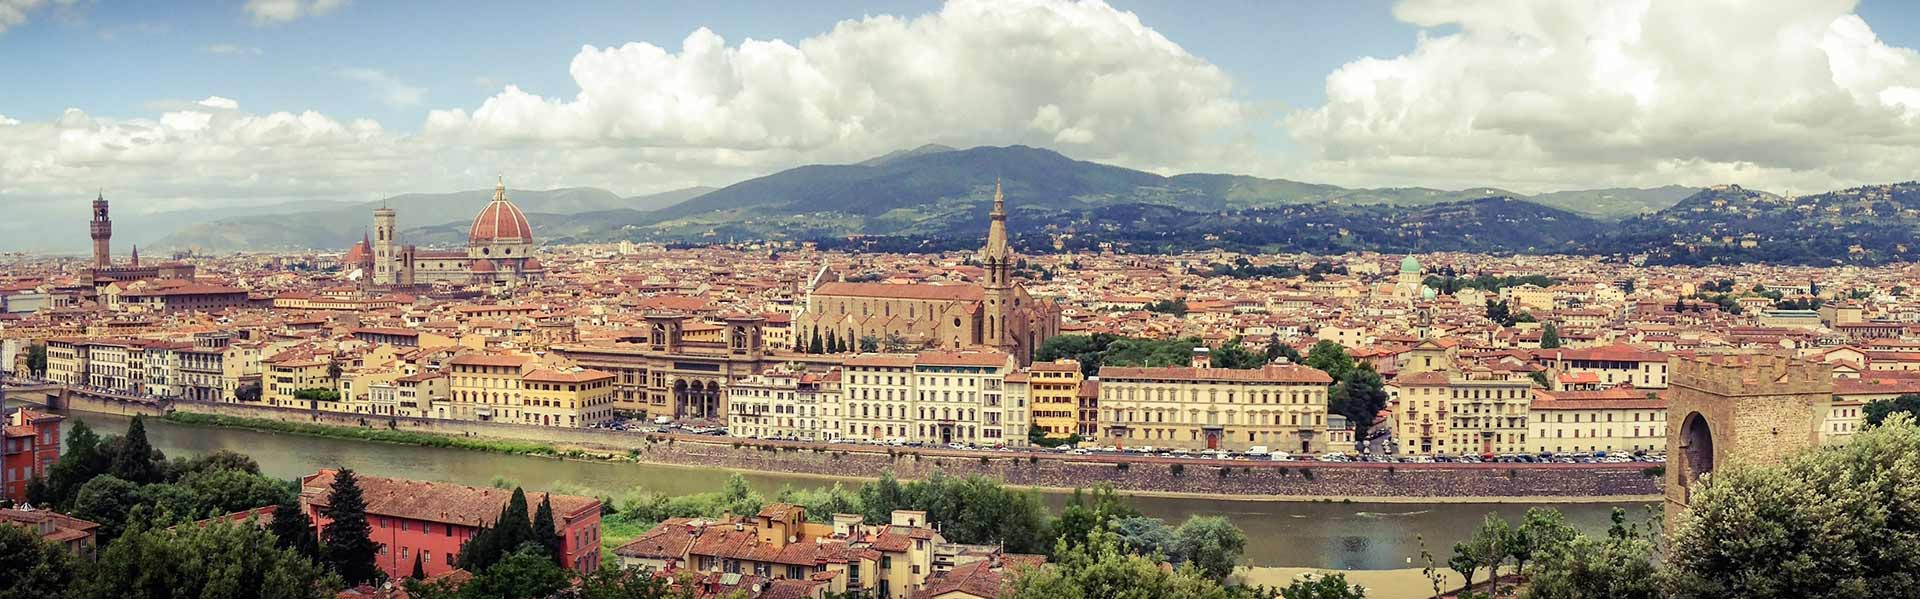 Cityscape near Educandato Statale SS. Annunziata Villa del Poggio Imperiale in Tuscany, Florence, Italy